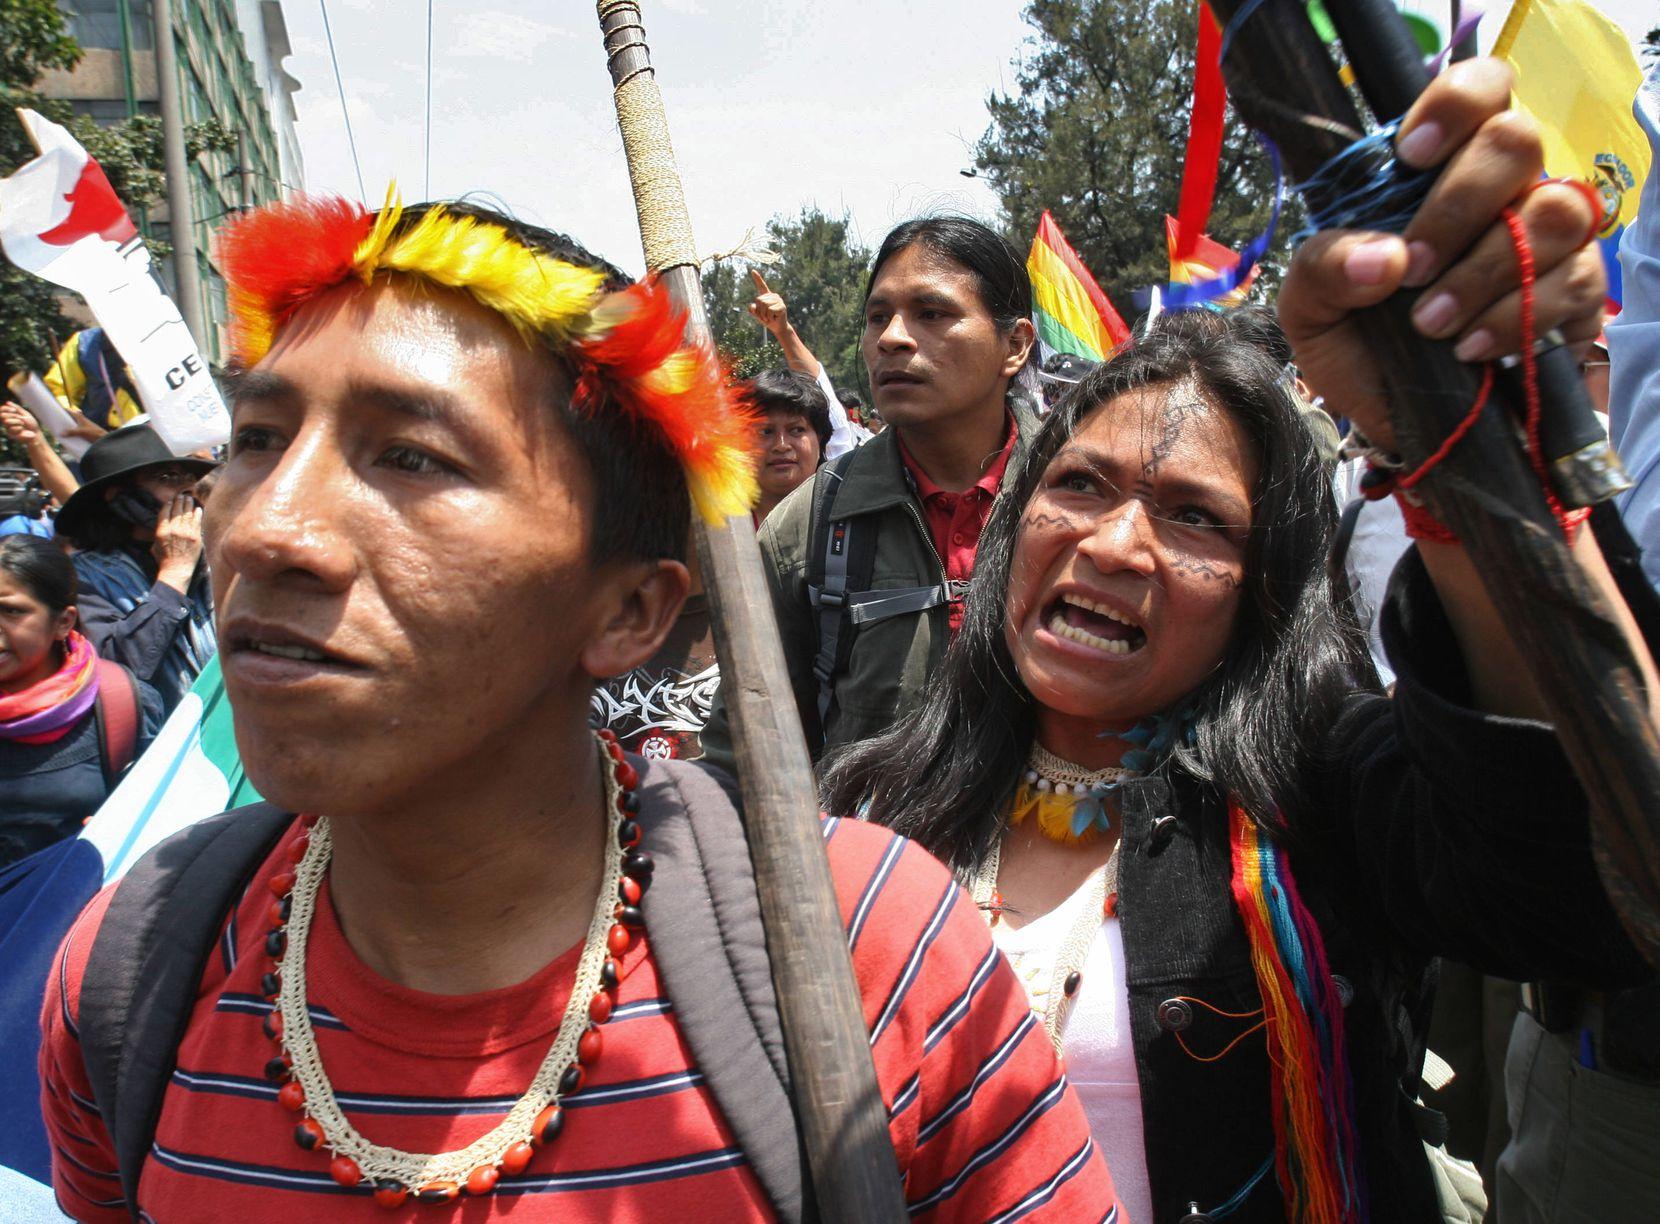 En Ecuador, indígenas han protestado varias ocasiones contra el presidente en turno.